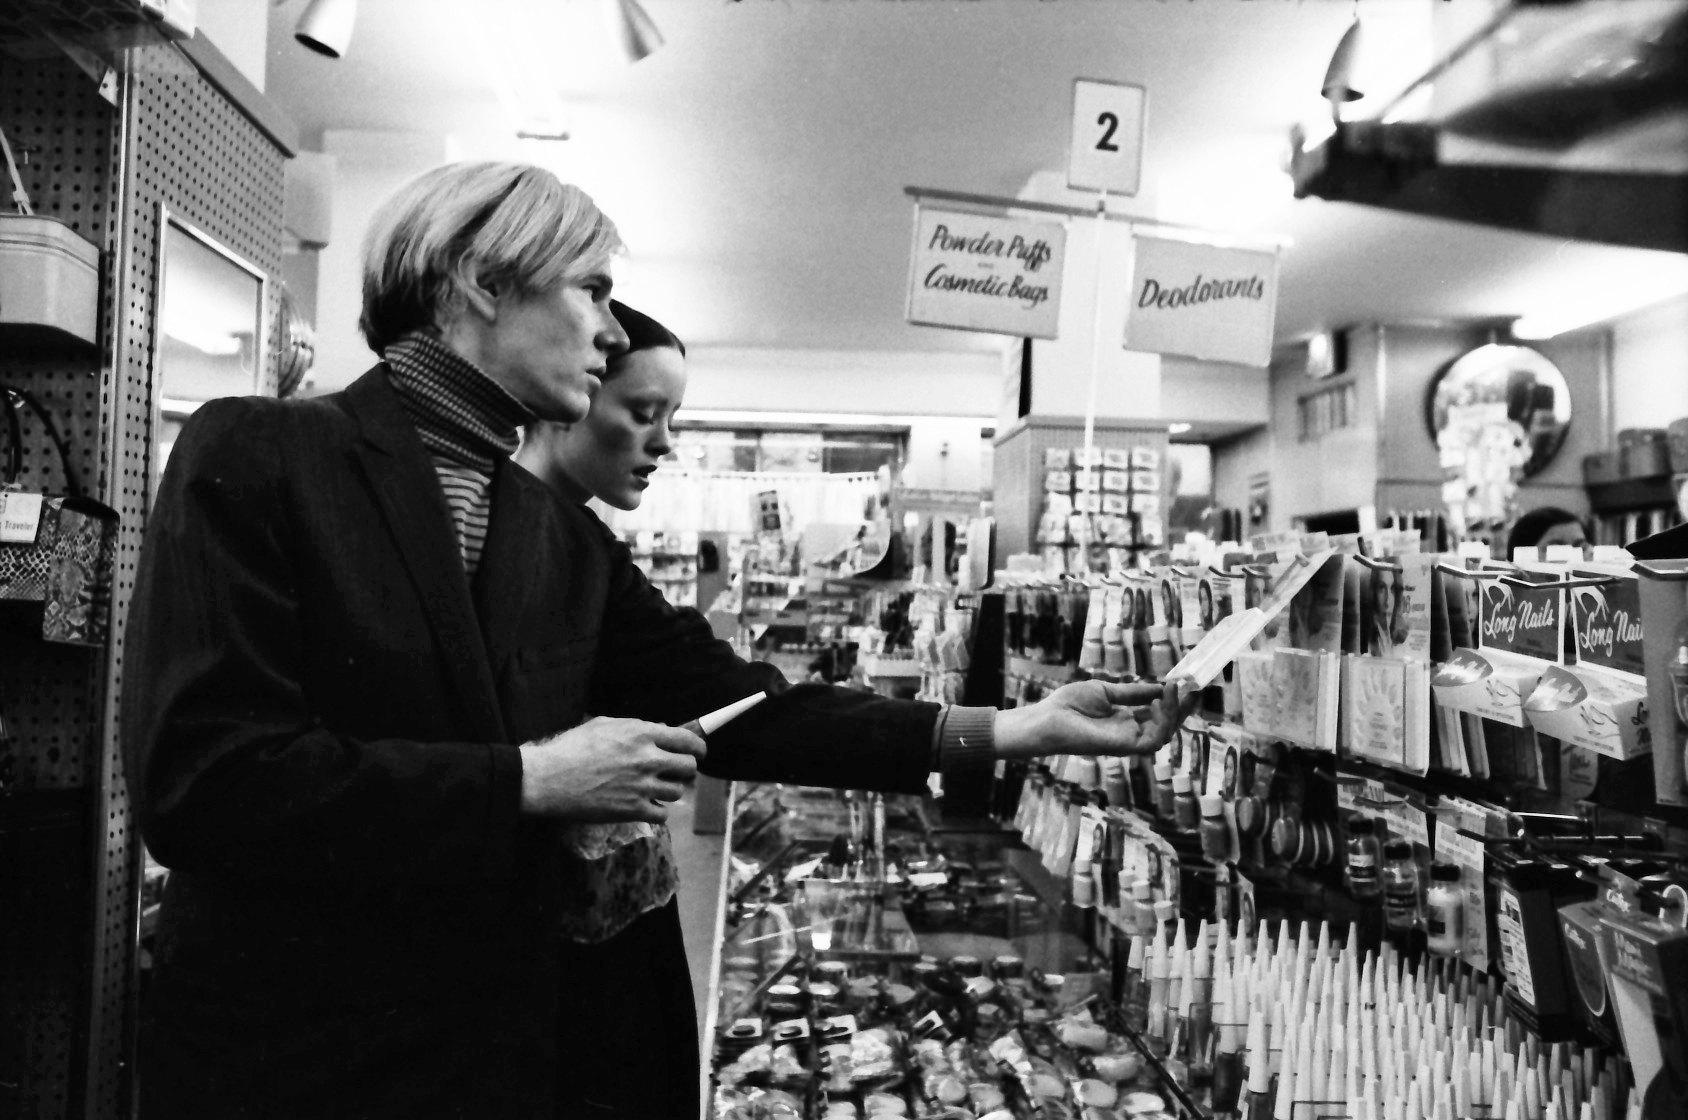 Энди Уорхол иДжейн ФОрт выбирают косметику ваптеке, 1970